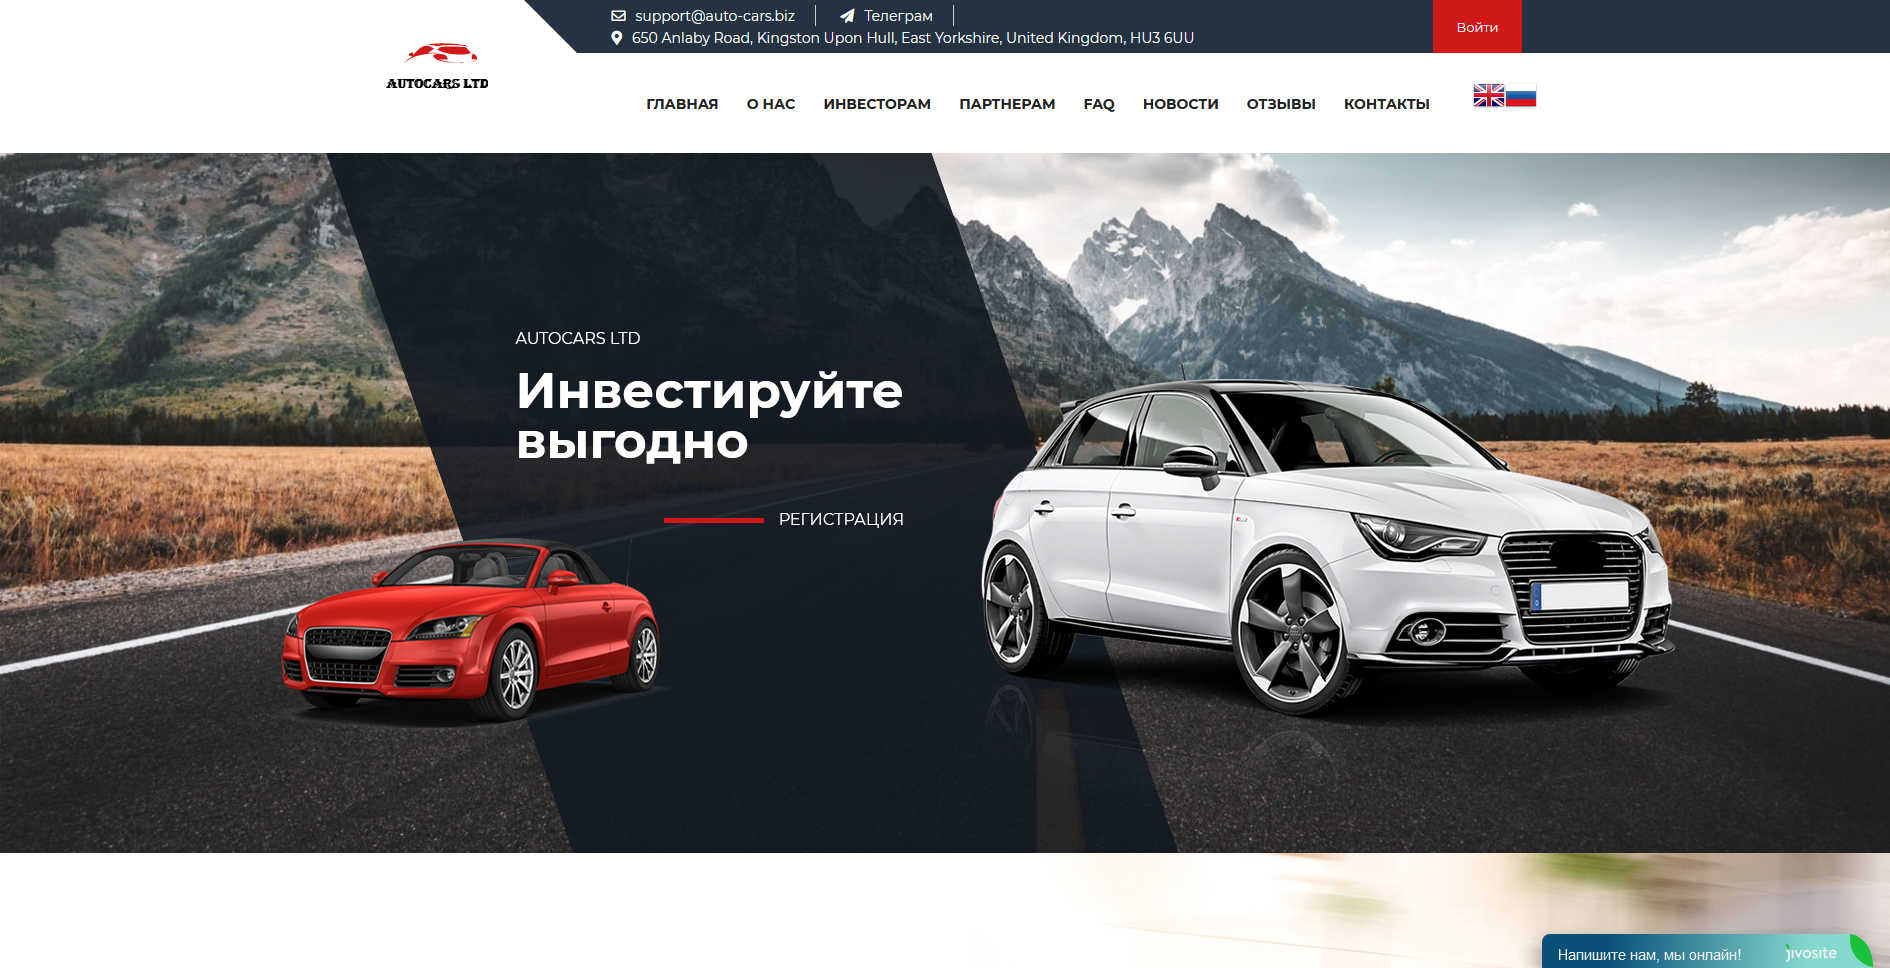 autocars ltd - auto-cars.biz